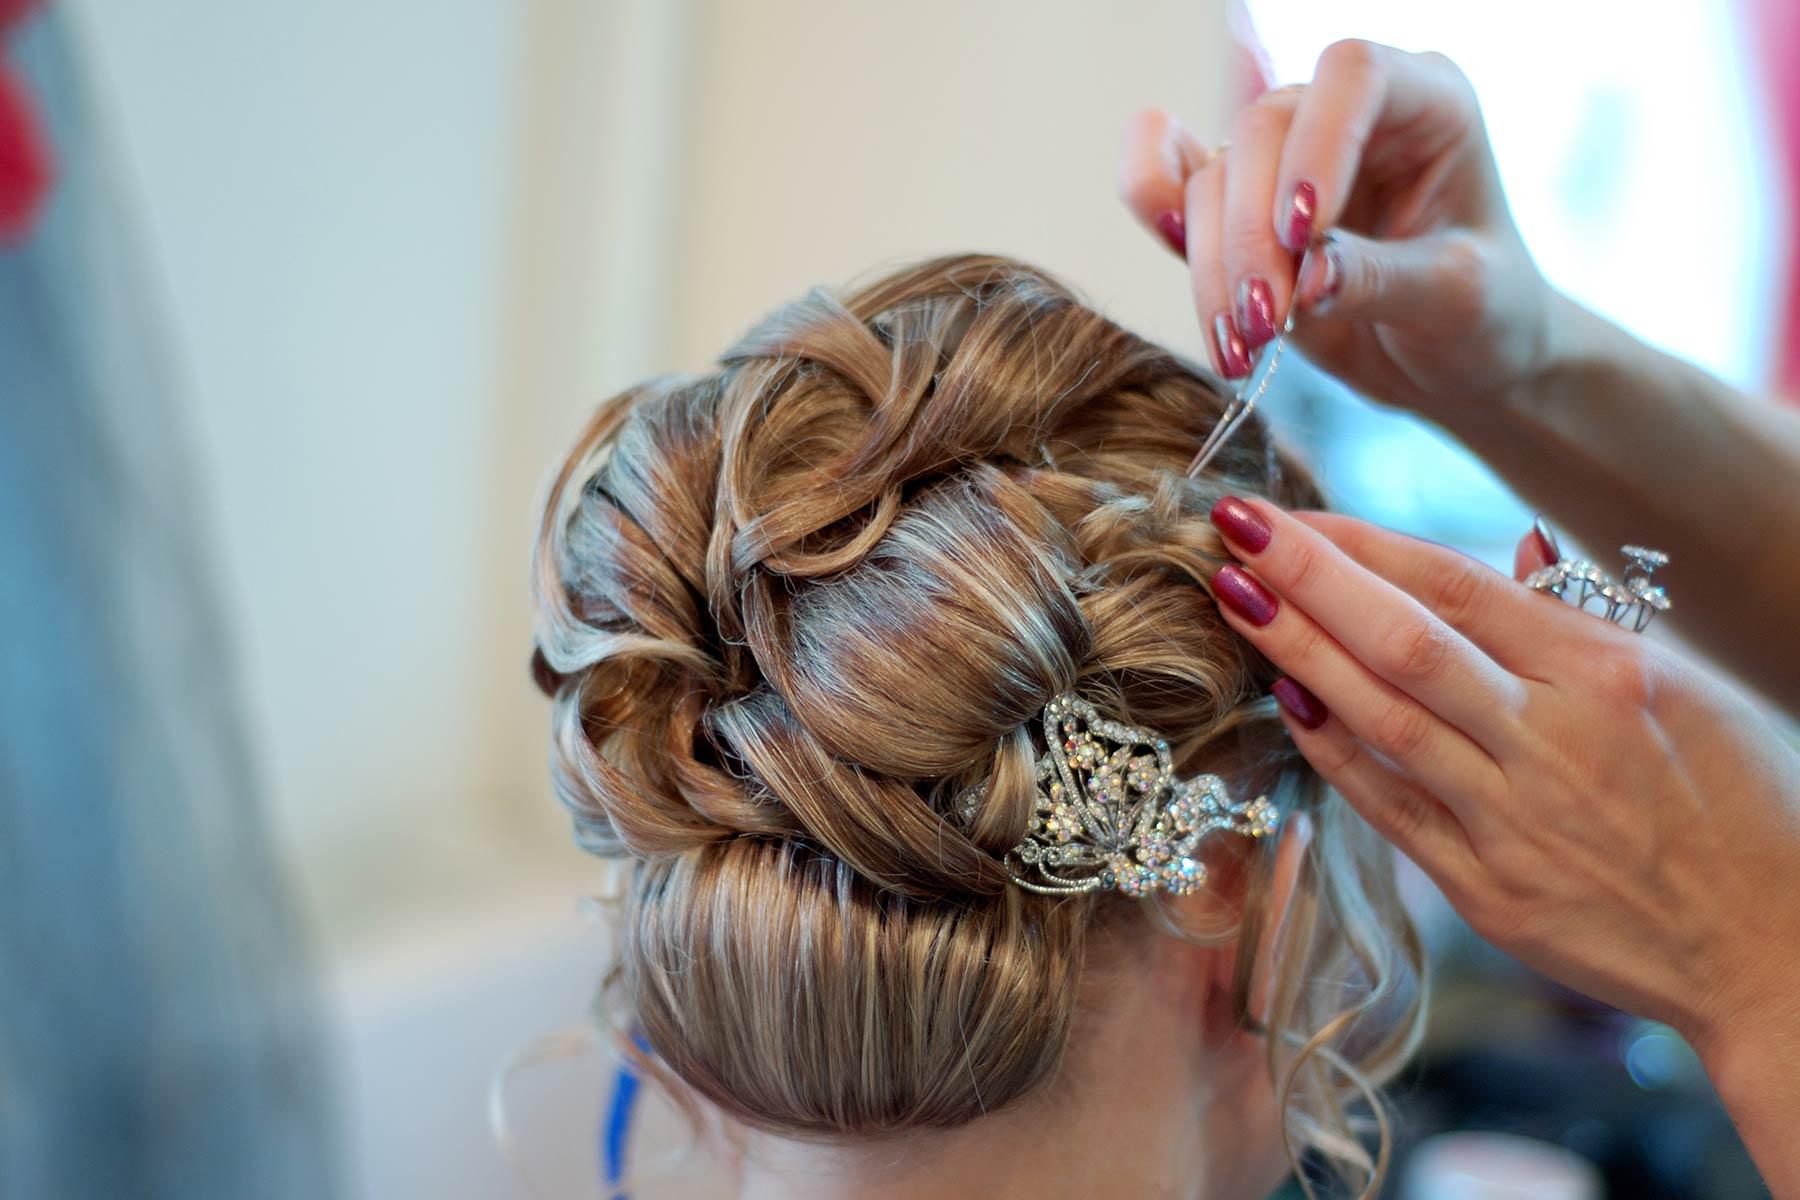 Hochzeitsfrisur: Übersicht für die perfekte Frisur am Tag der Hochzeit